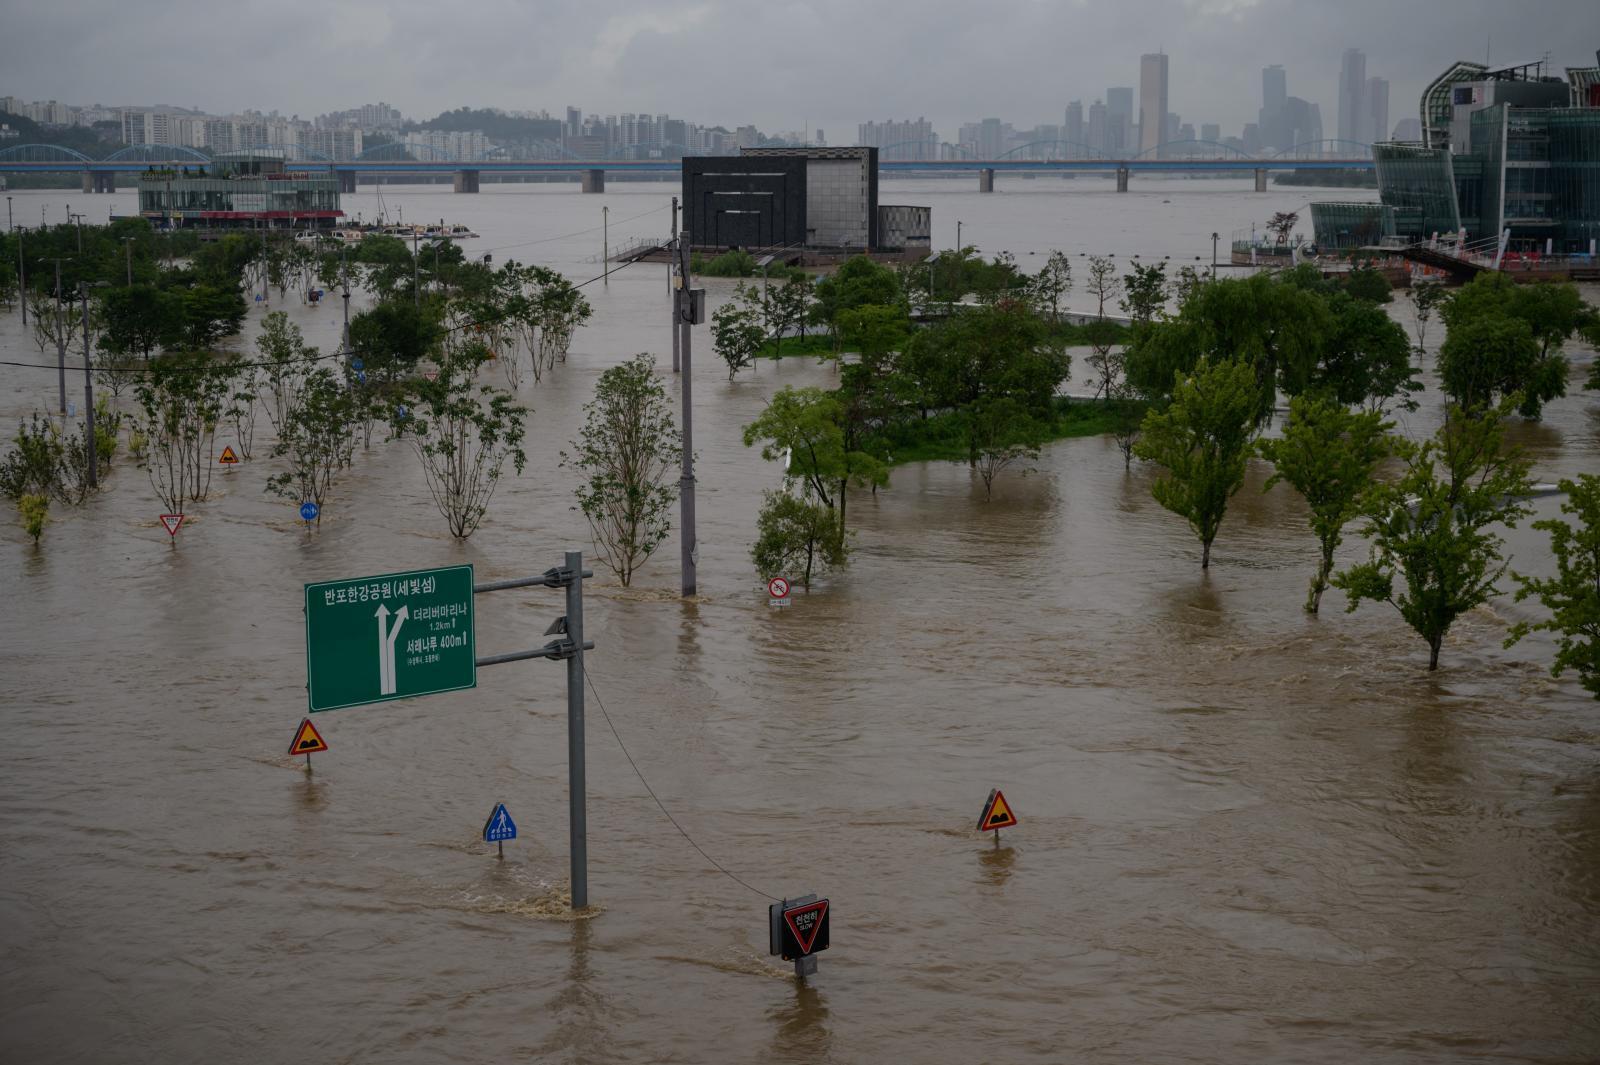 เกาหลีใต้เผชิญฝนตกจากมรสุมนานที่สุดในรอบ 7 ปี